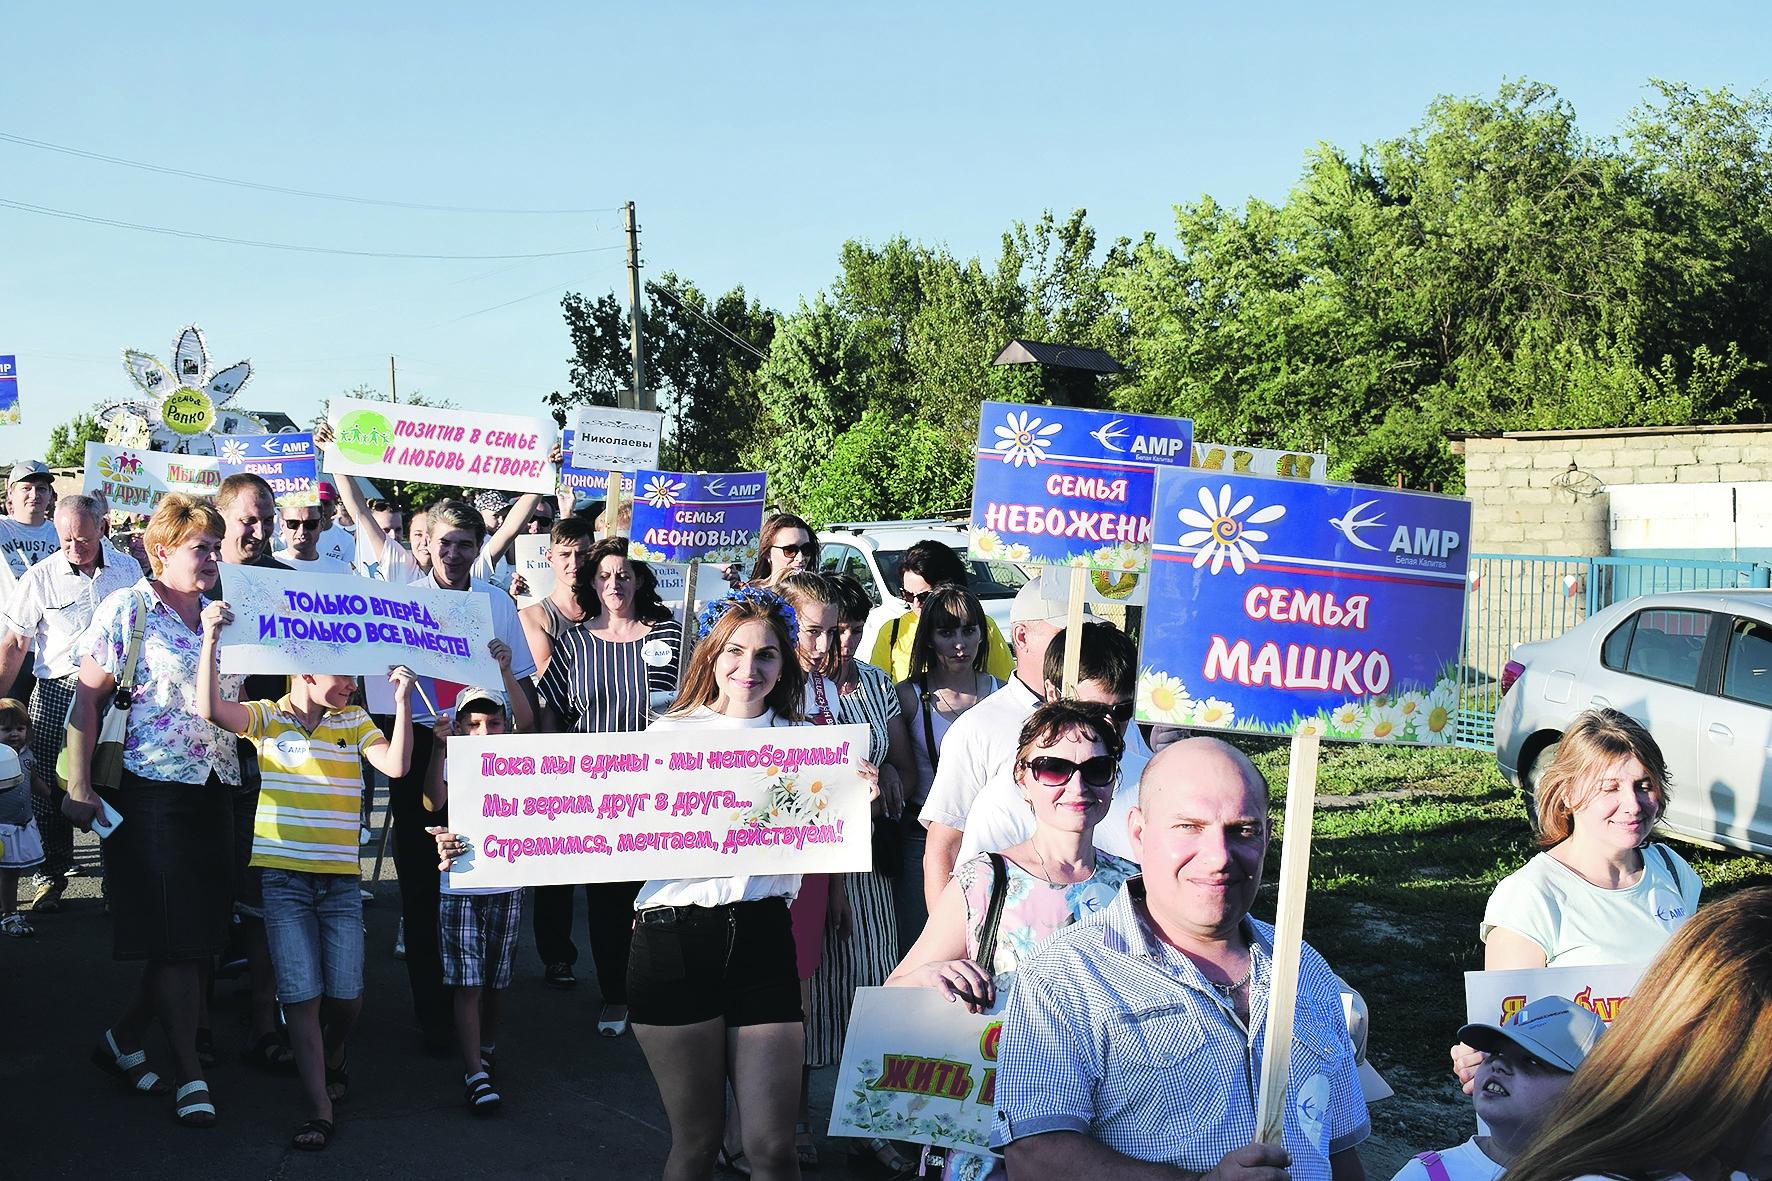 Более 50 семей участвовали в параде, посвященном Дню семьи, любви и верности, который прошел в хуторе Погорелове